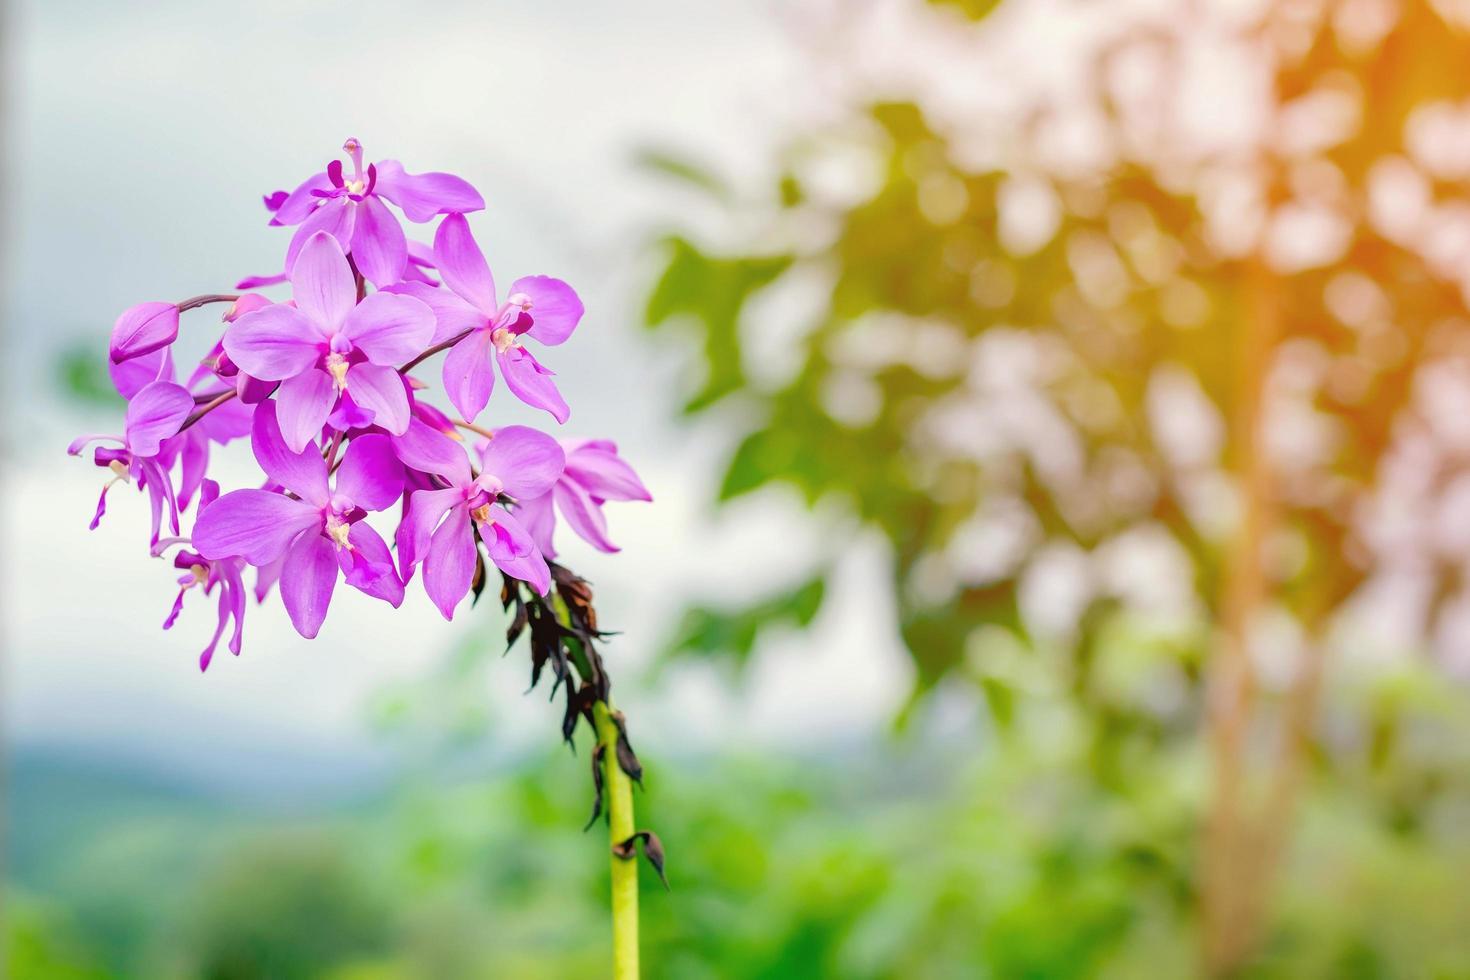 flor morada en un jardín foto